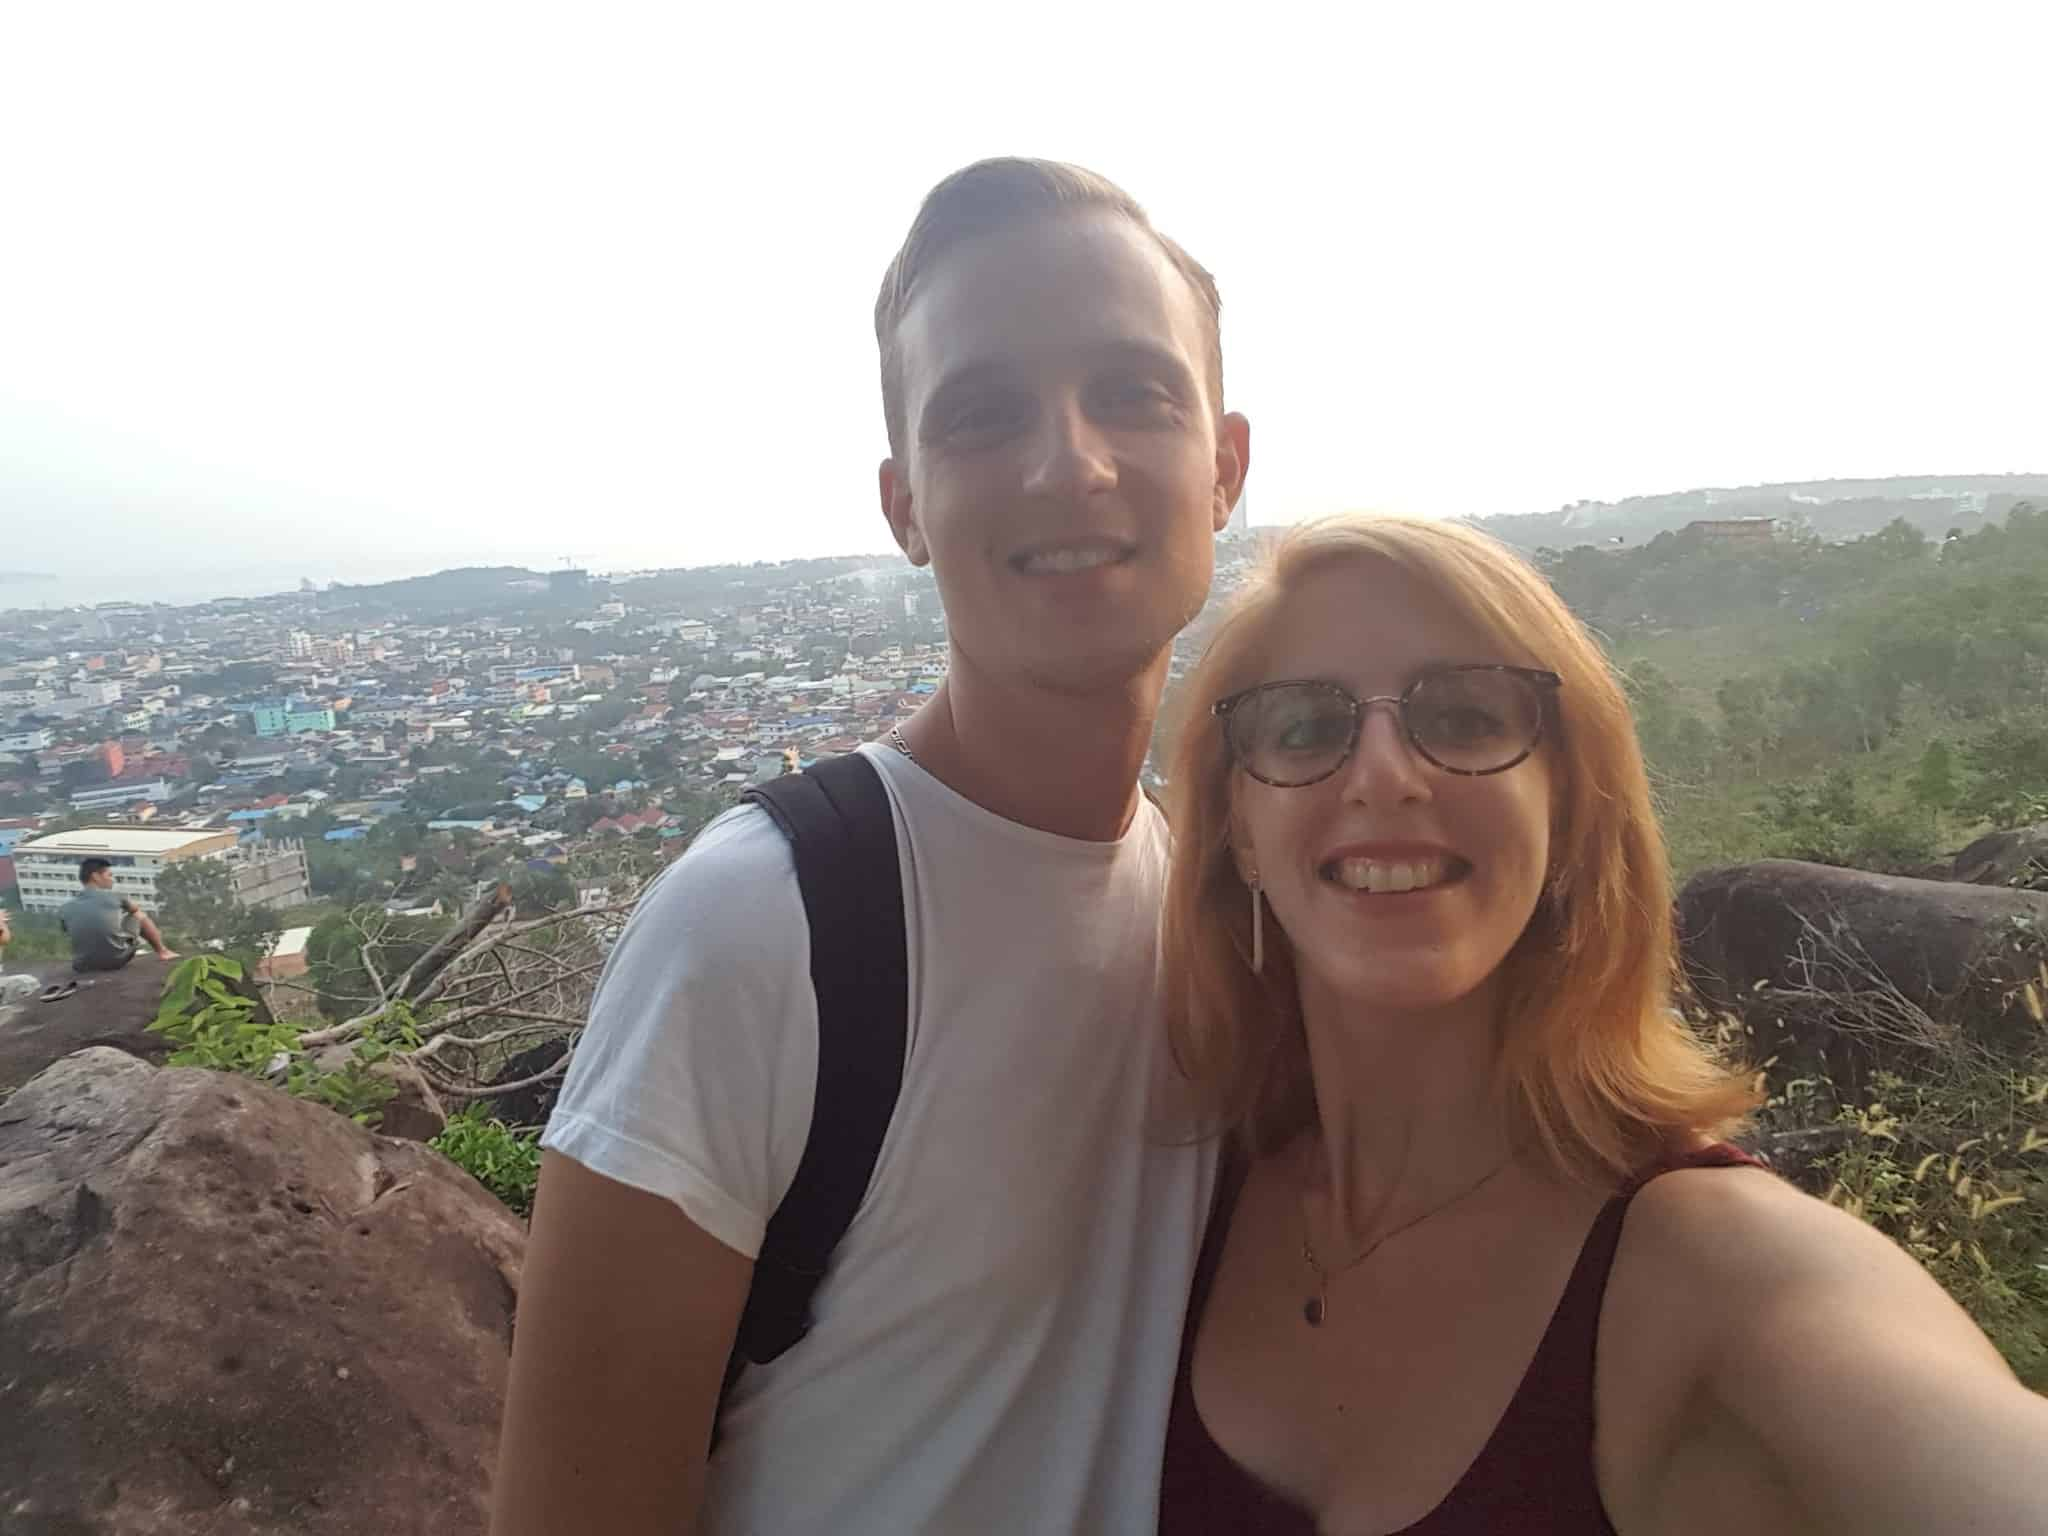 Cambodge, 4 jours au paradis dans le plus bel hôtel de Sihanoukville 😍 13